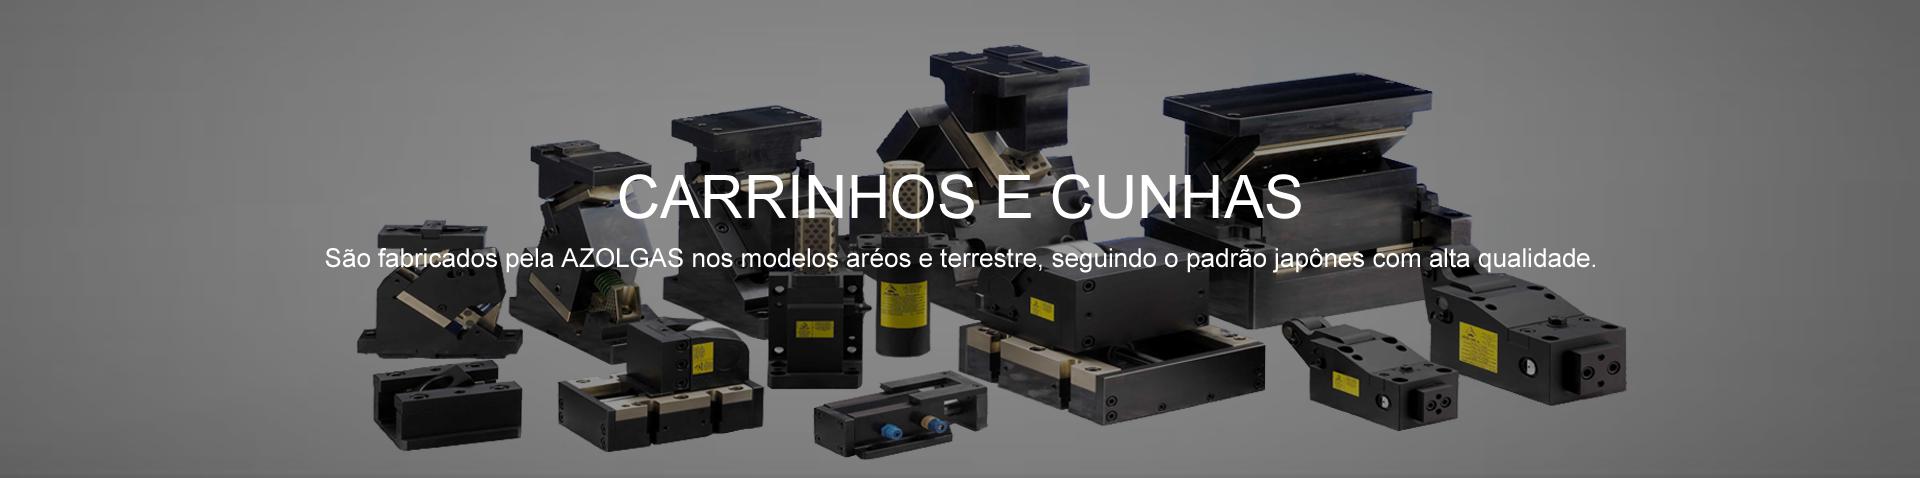 Slide3_Carrinhos_Cunhas